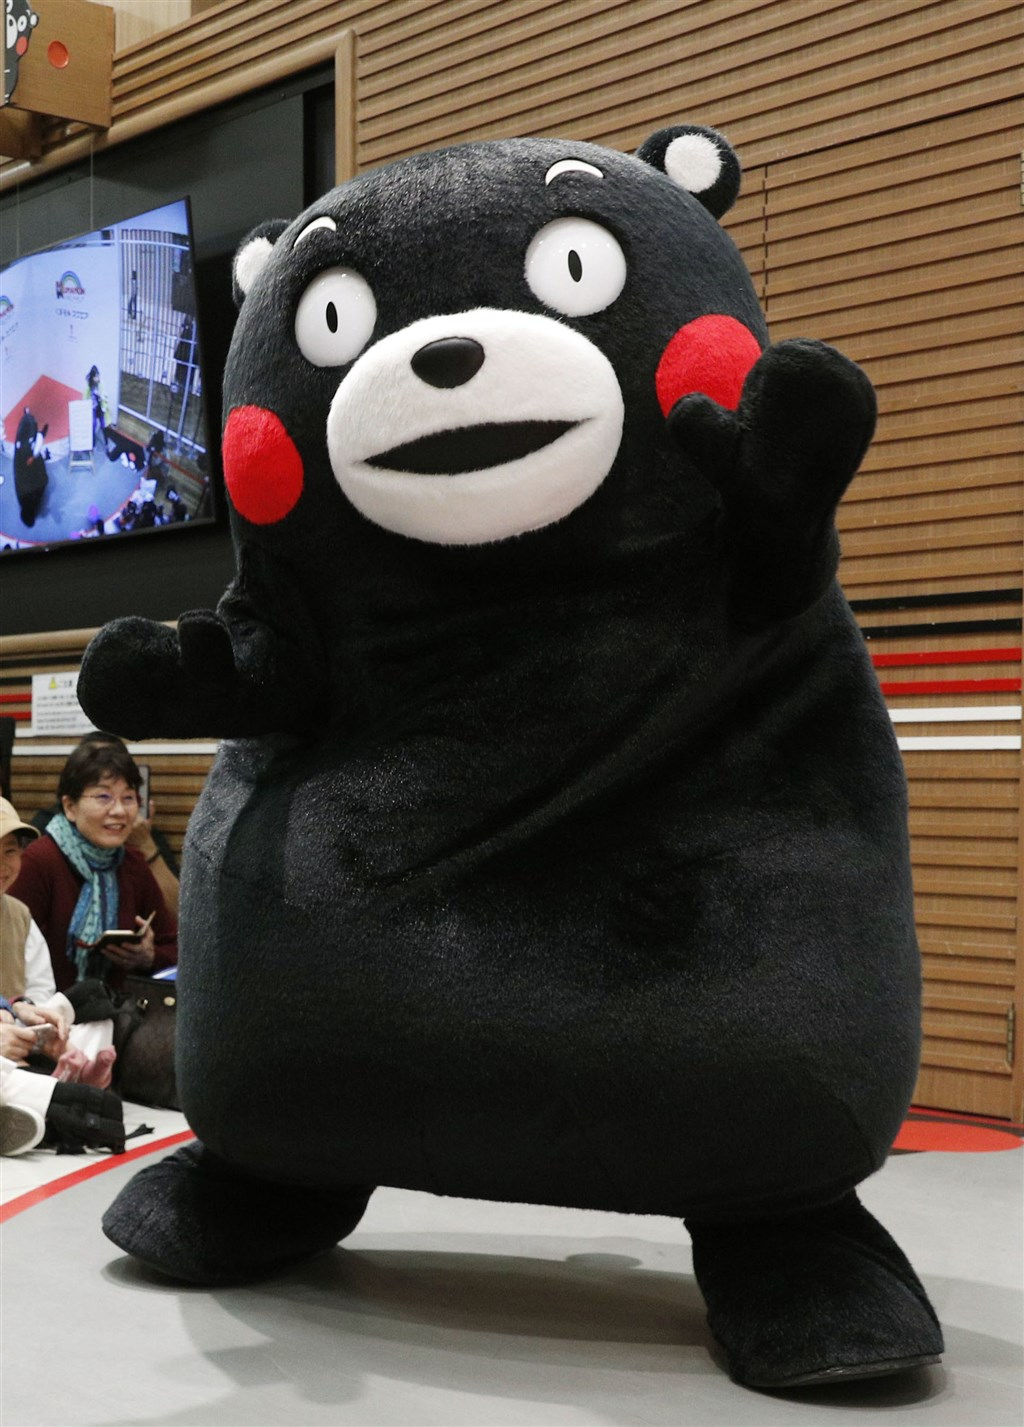 日本東京奧運2020年登場,熊本縣政府日前向主辦單位詢問熊本熊(圖)擔任聖火傳遞跑者的可能性,但被以「不符要件」婉拒。(檔案照片/共同社提供)